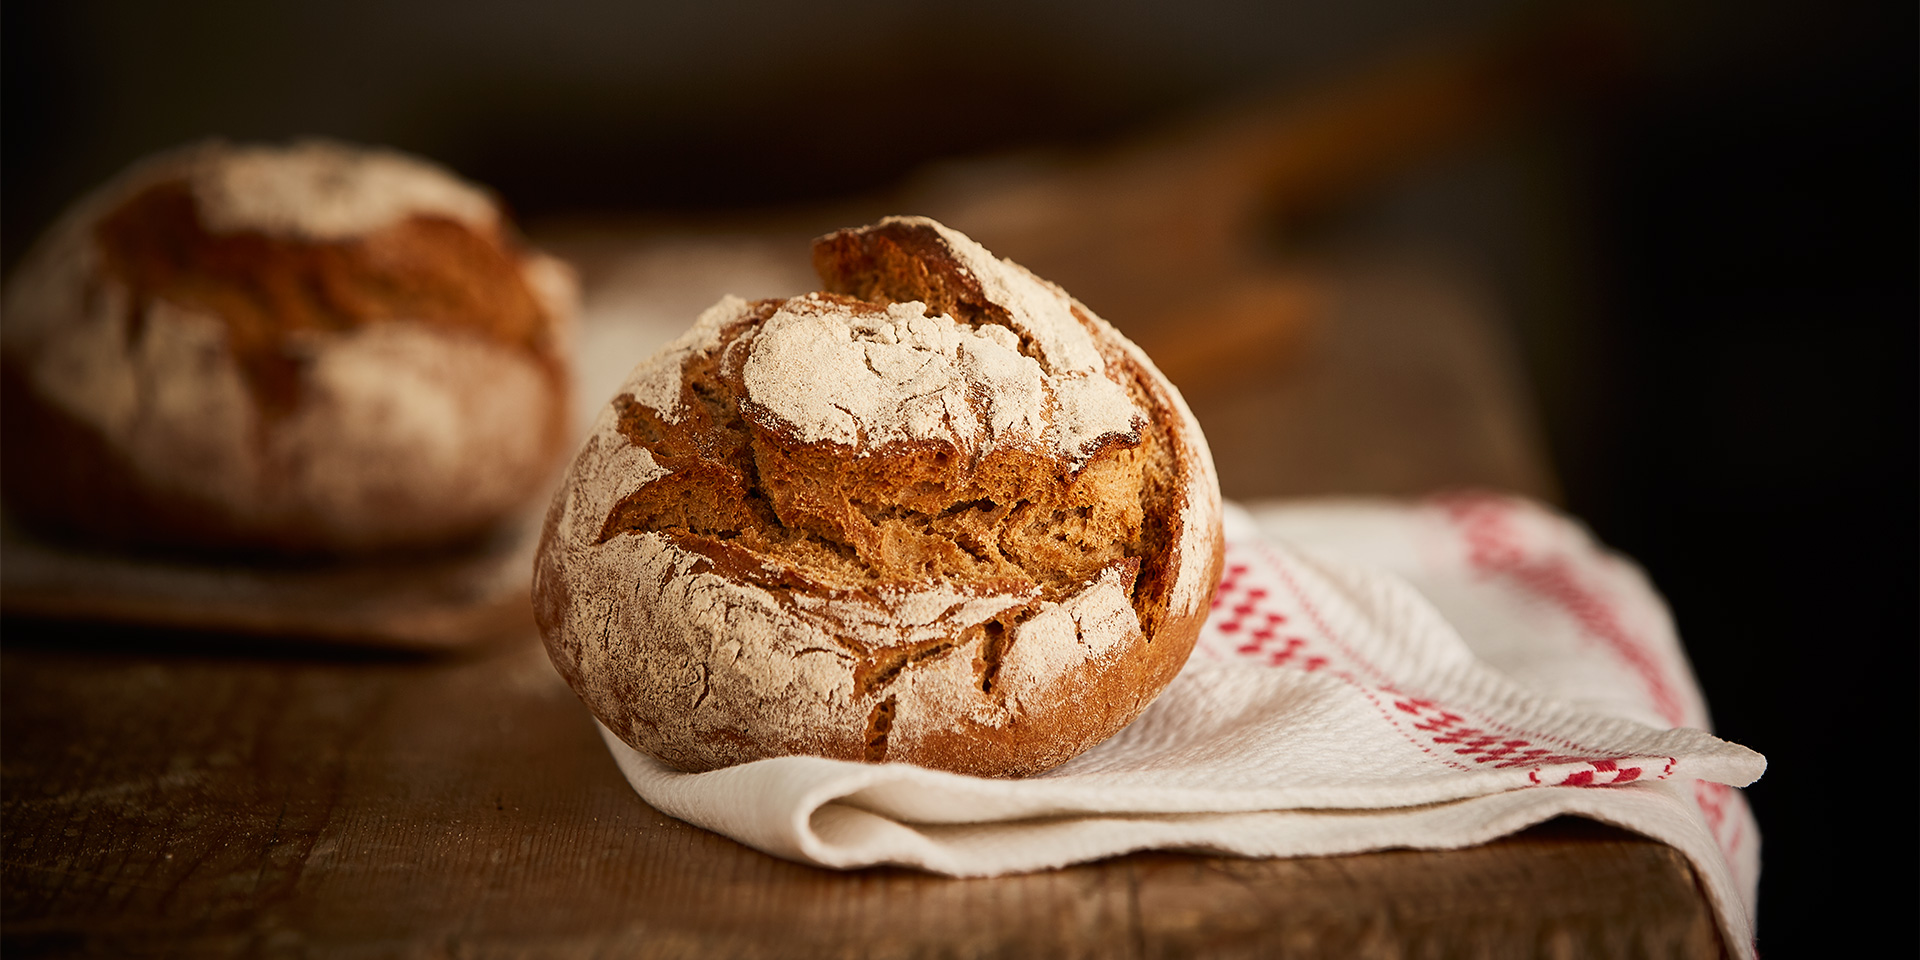 Wirthensohn Bäckerei Brot